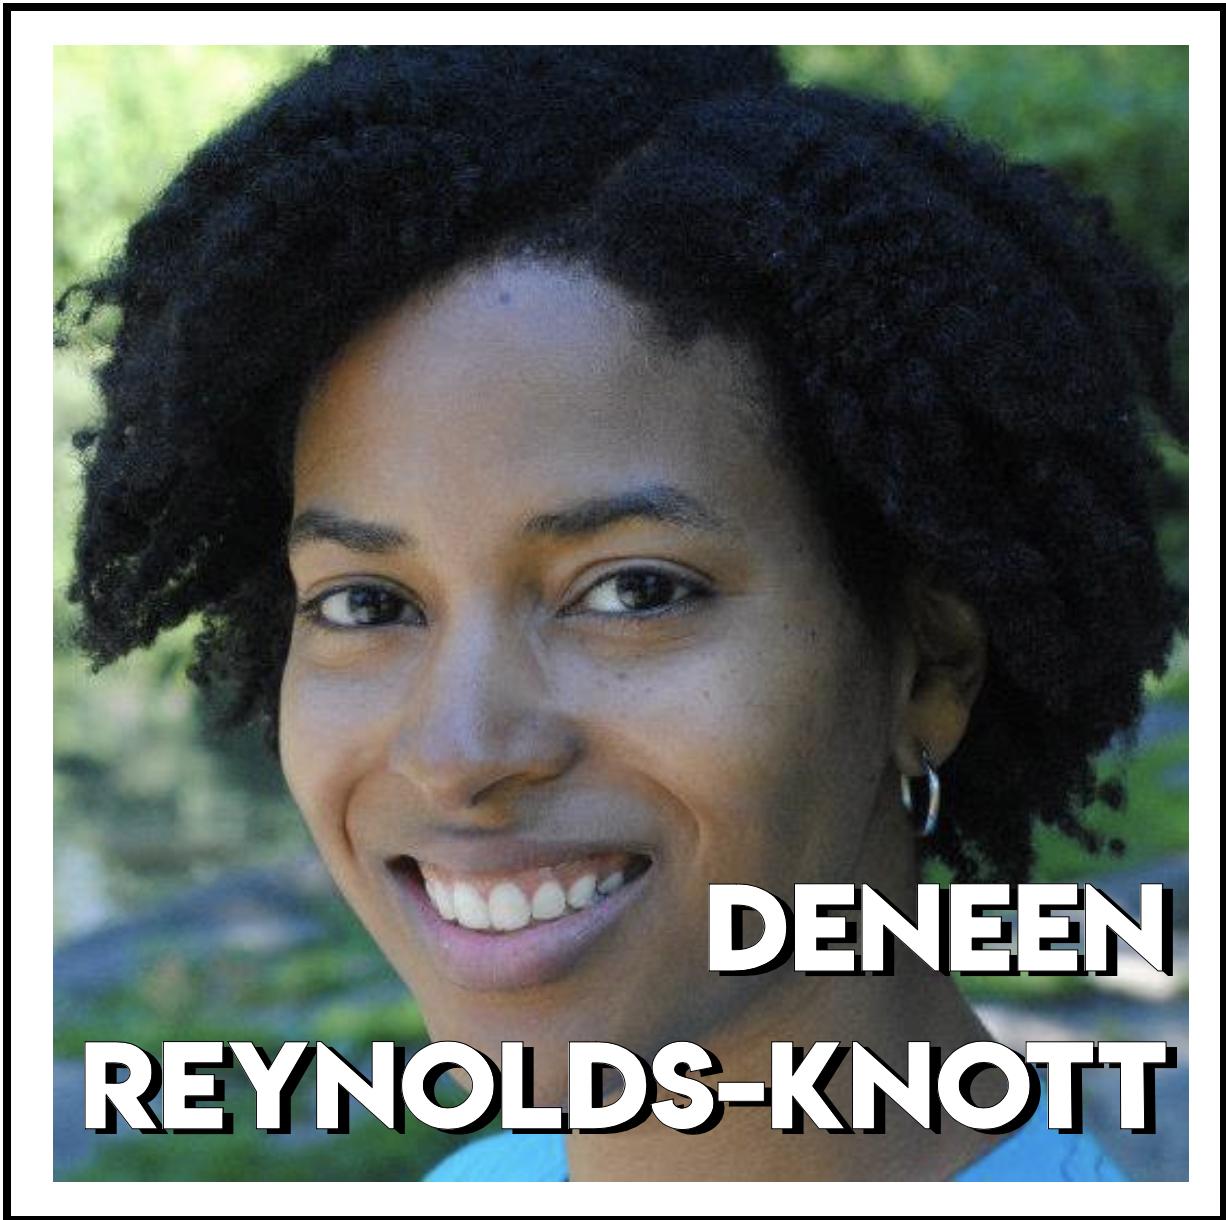 Deneen Reynolds-Knott